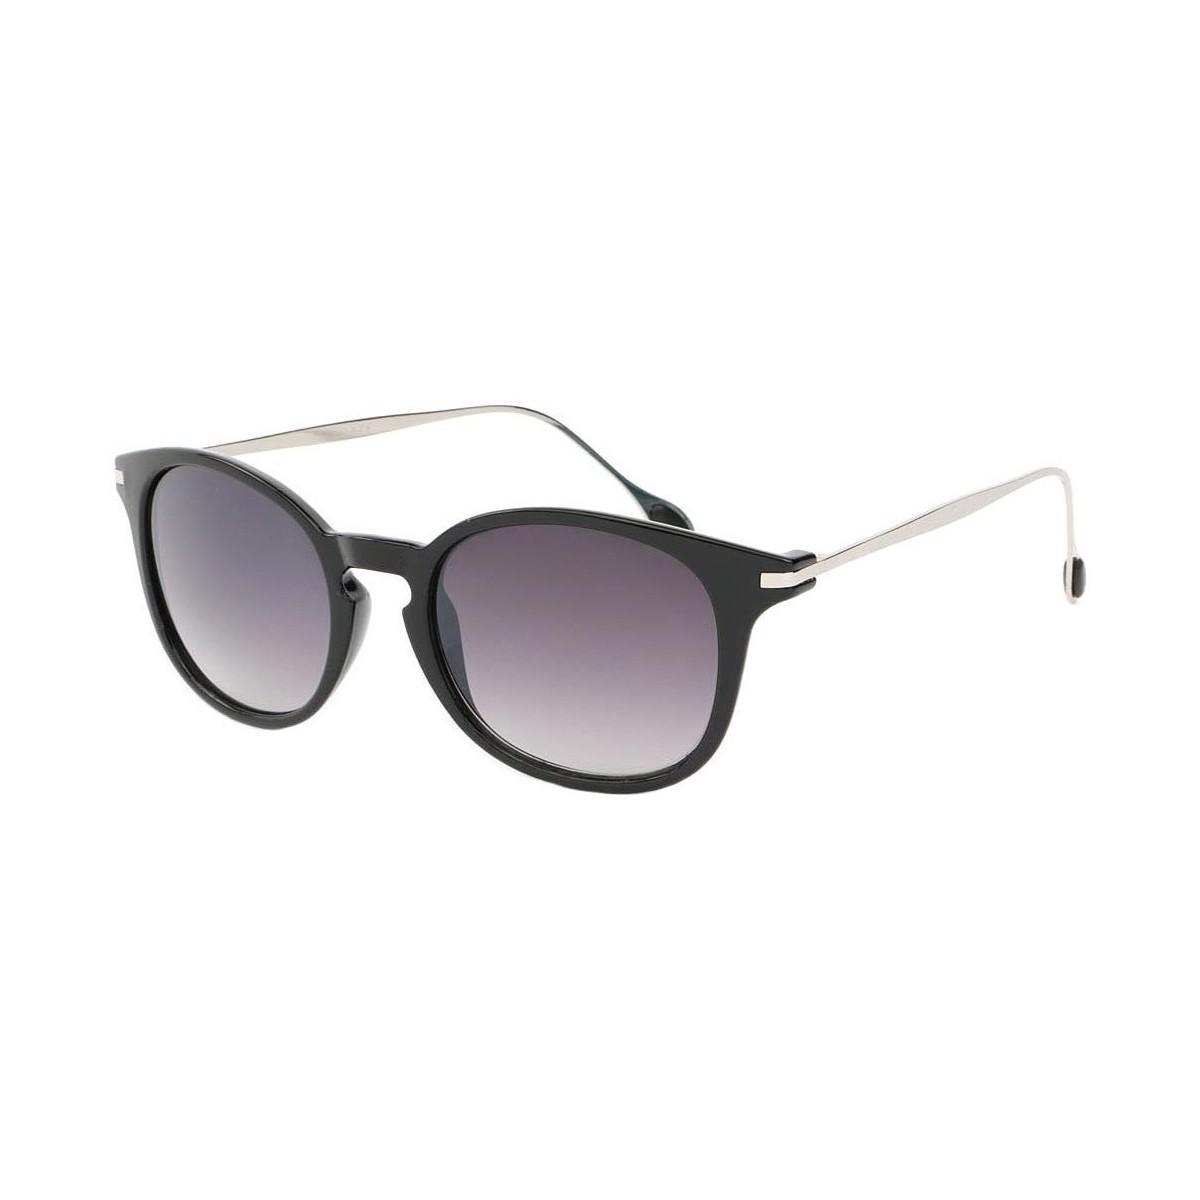 Eye Wear Lunette de soleil Mode Noir Brillant et Argent Zangra Noir